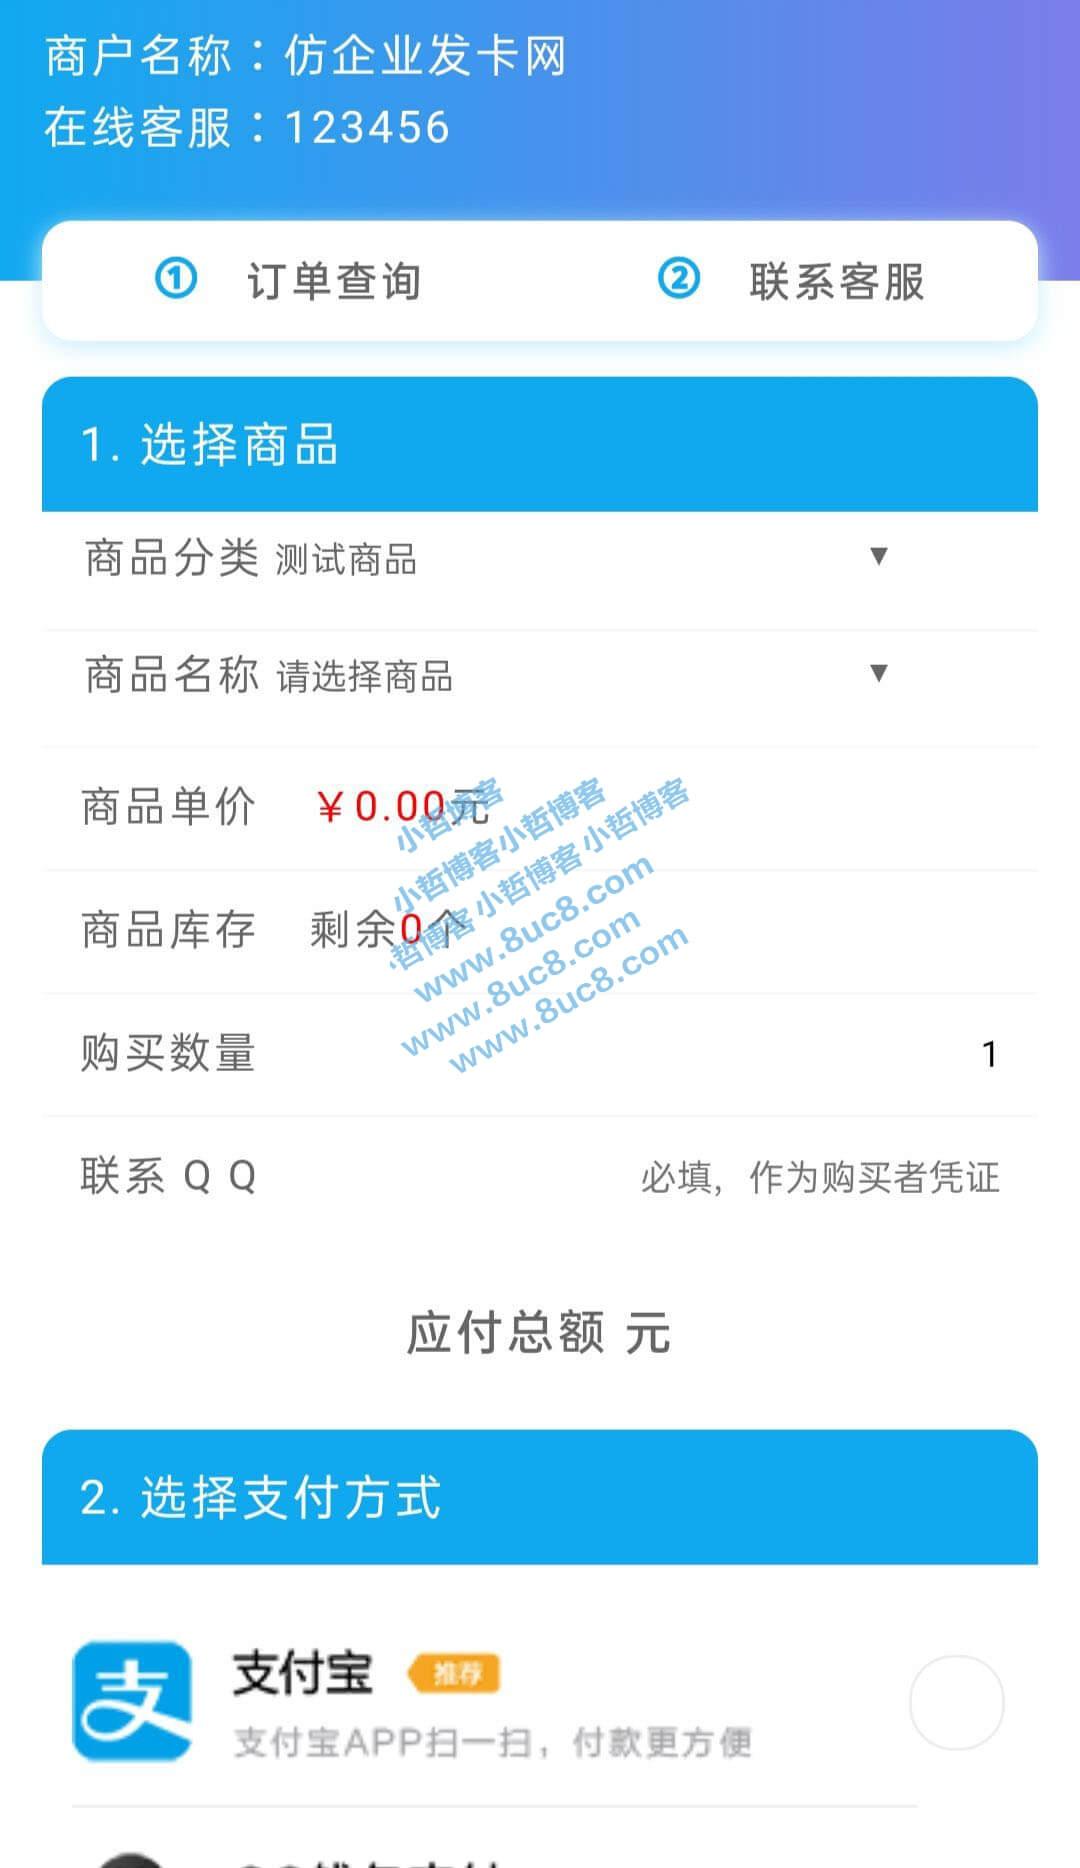 仿企业发卡源码,自动发卡平台 修复查单bug 可商用 (https://www.8uc8.com/) 源码下载 第1张